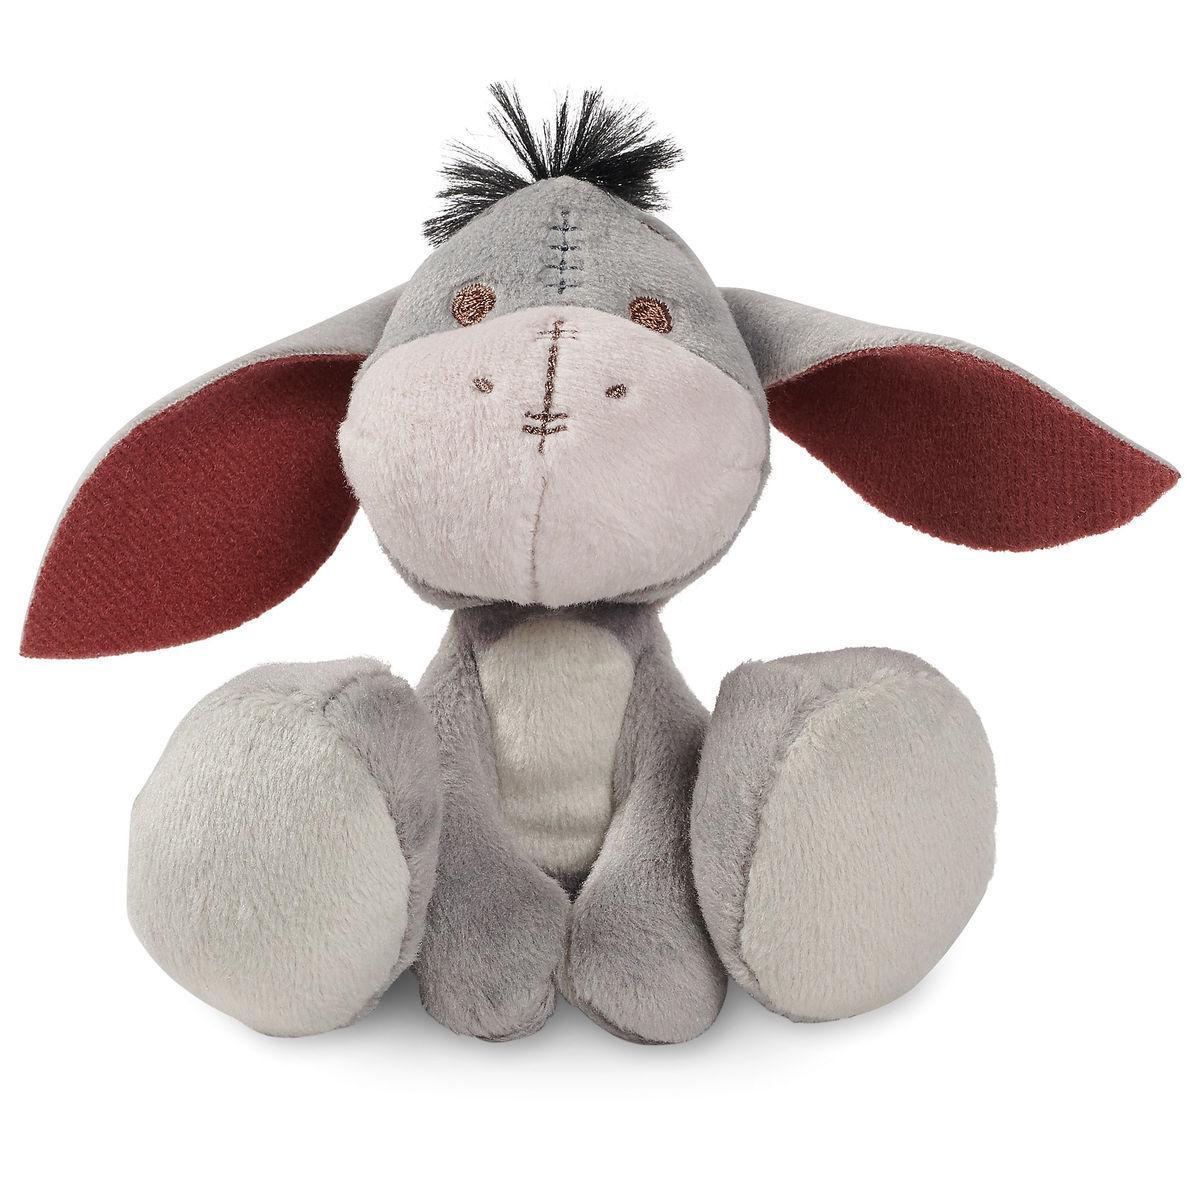 Disney мягкая игрушка крошечный ослик Иа с большими ногами 10см - серия Микро